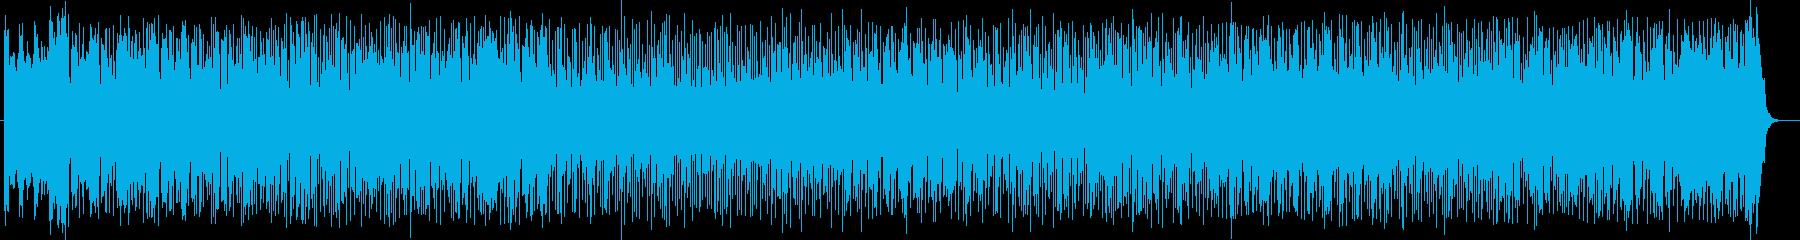 シンセが奏でる可愛らしいサンバの曲の再生済みの波形